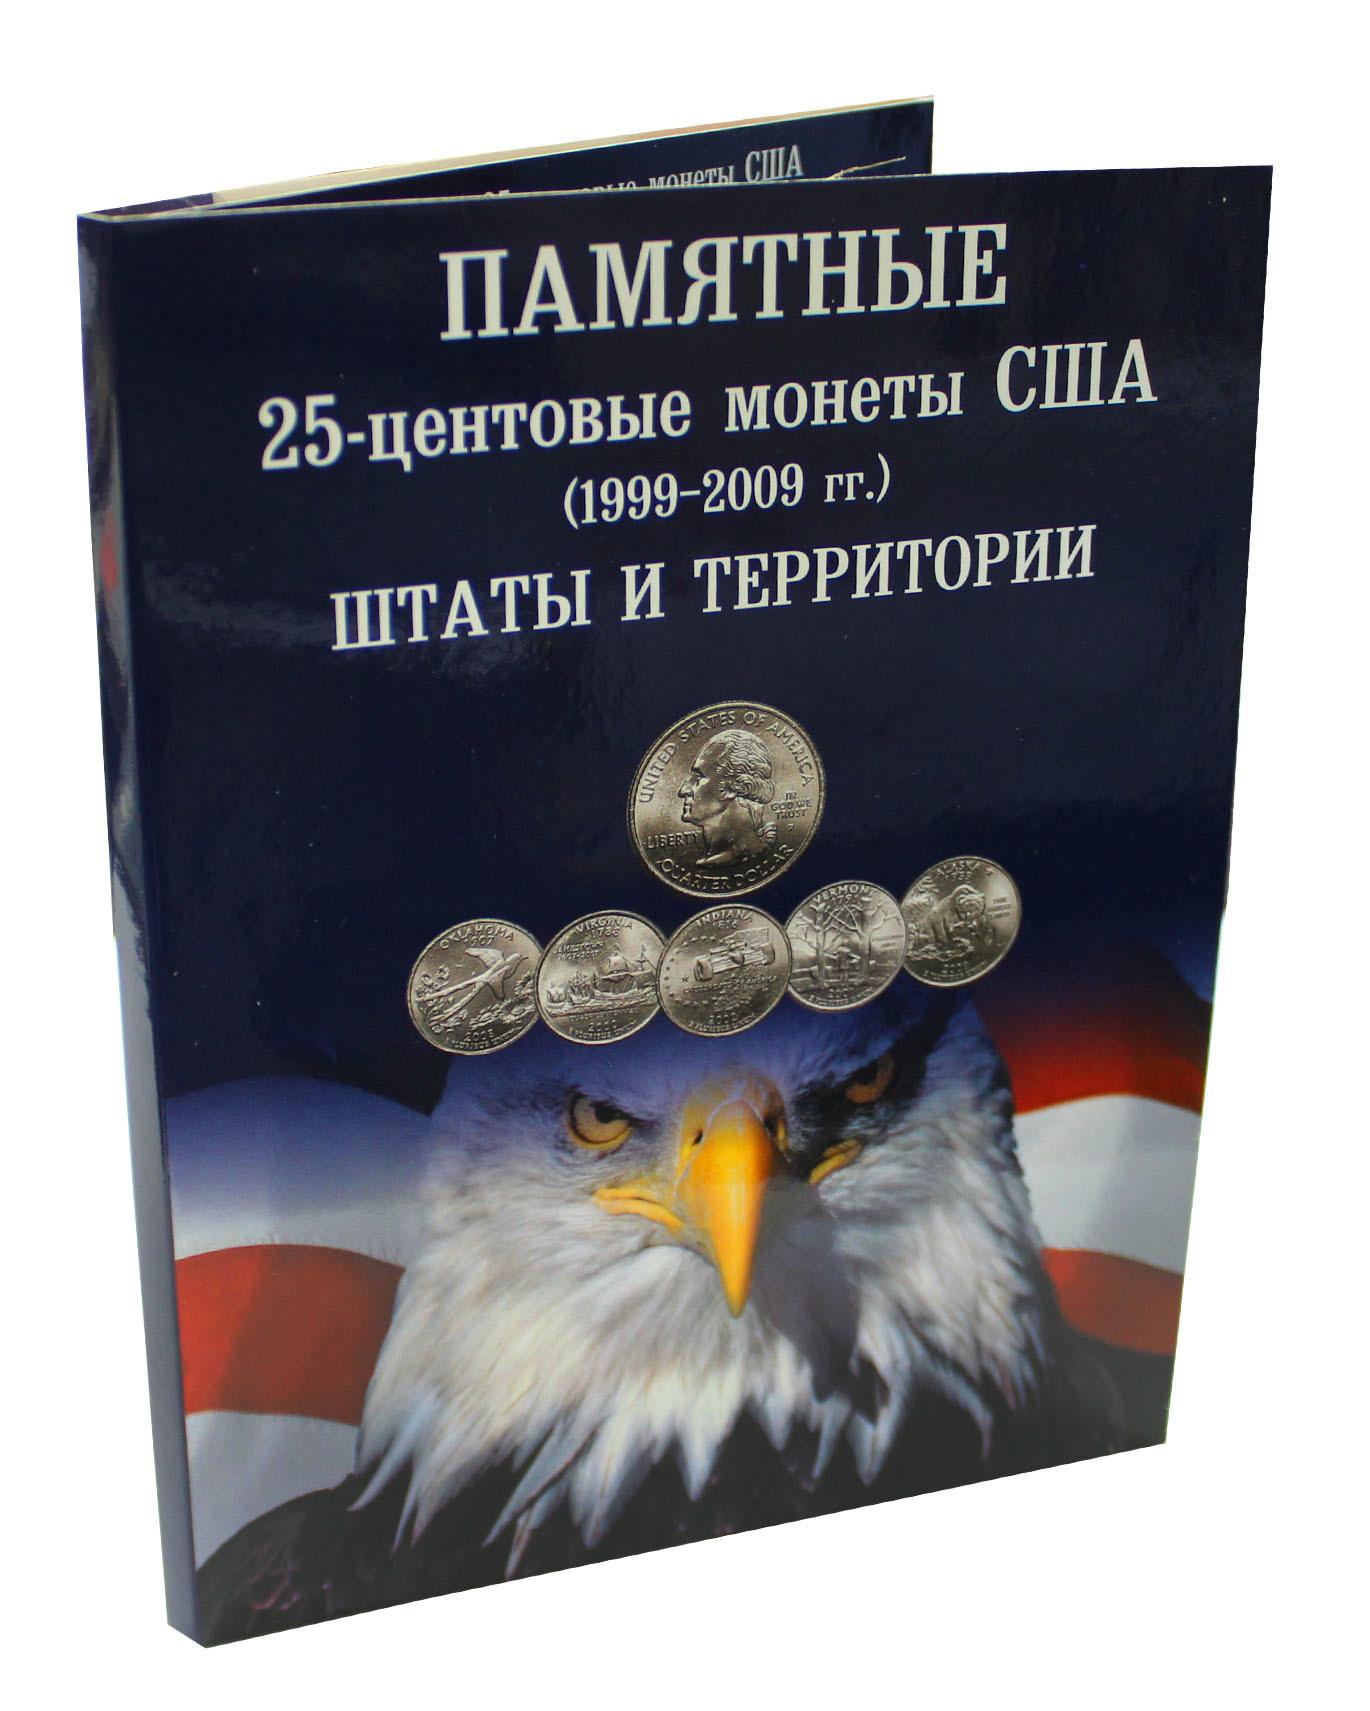 Альбом-коррекс для 25-центовых монет США (1999-2009). Штаты и территории